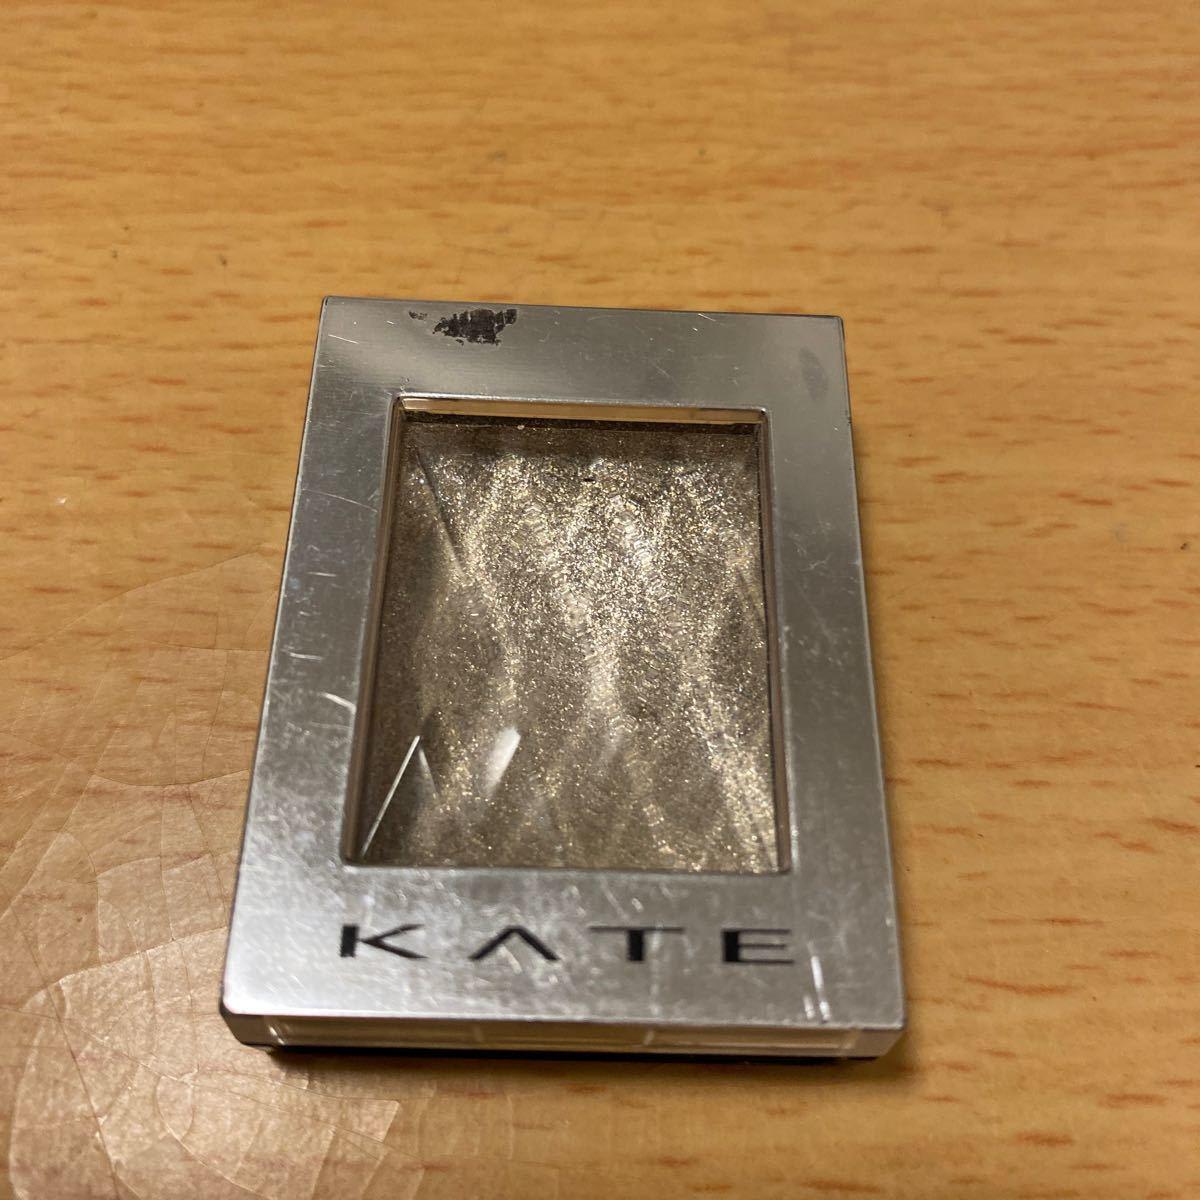 ケイト ジュエルカラットsv-1 アイシャドウ